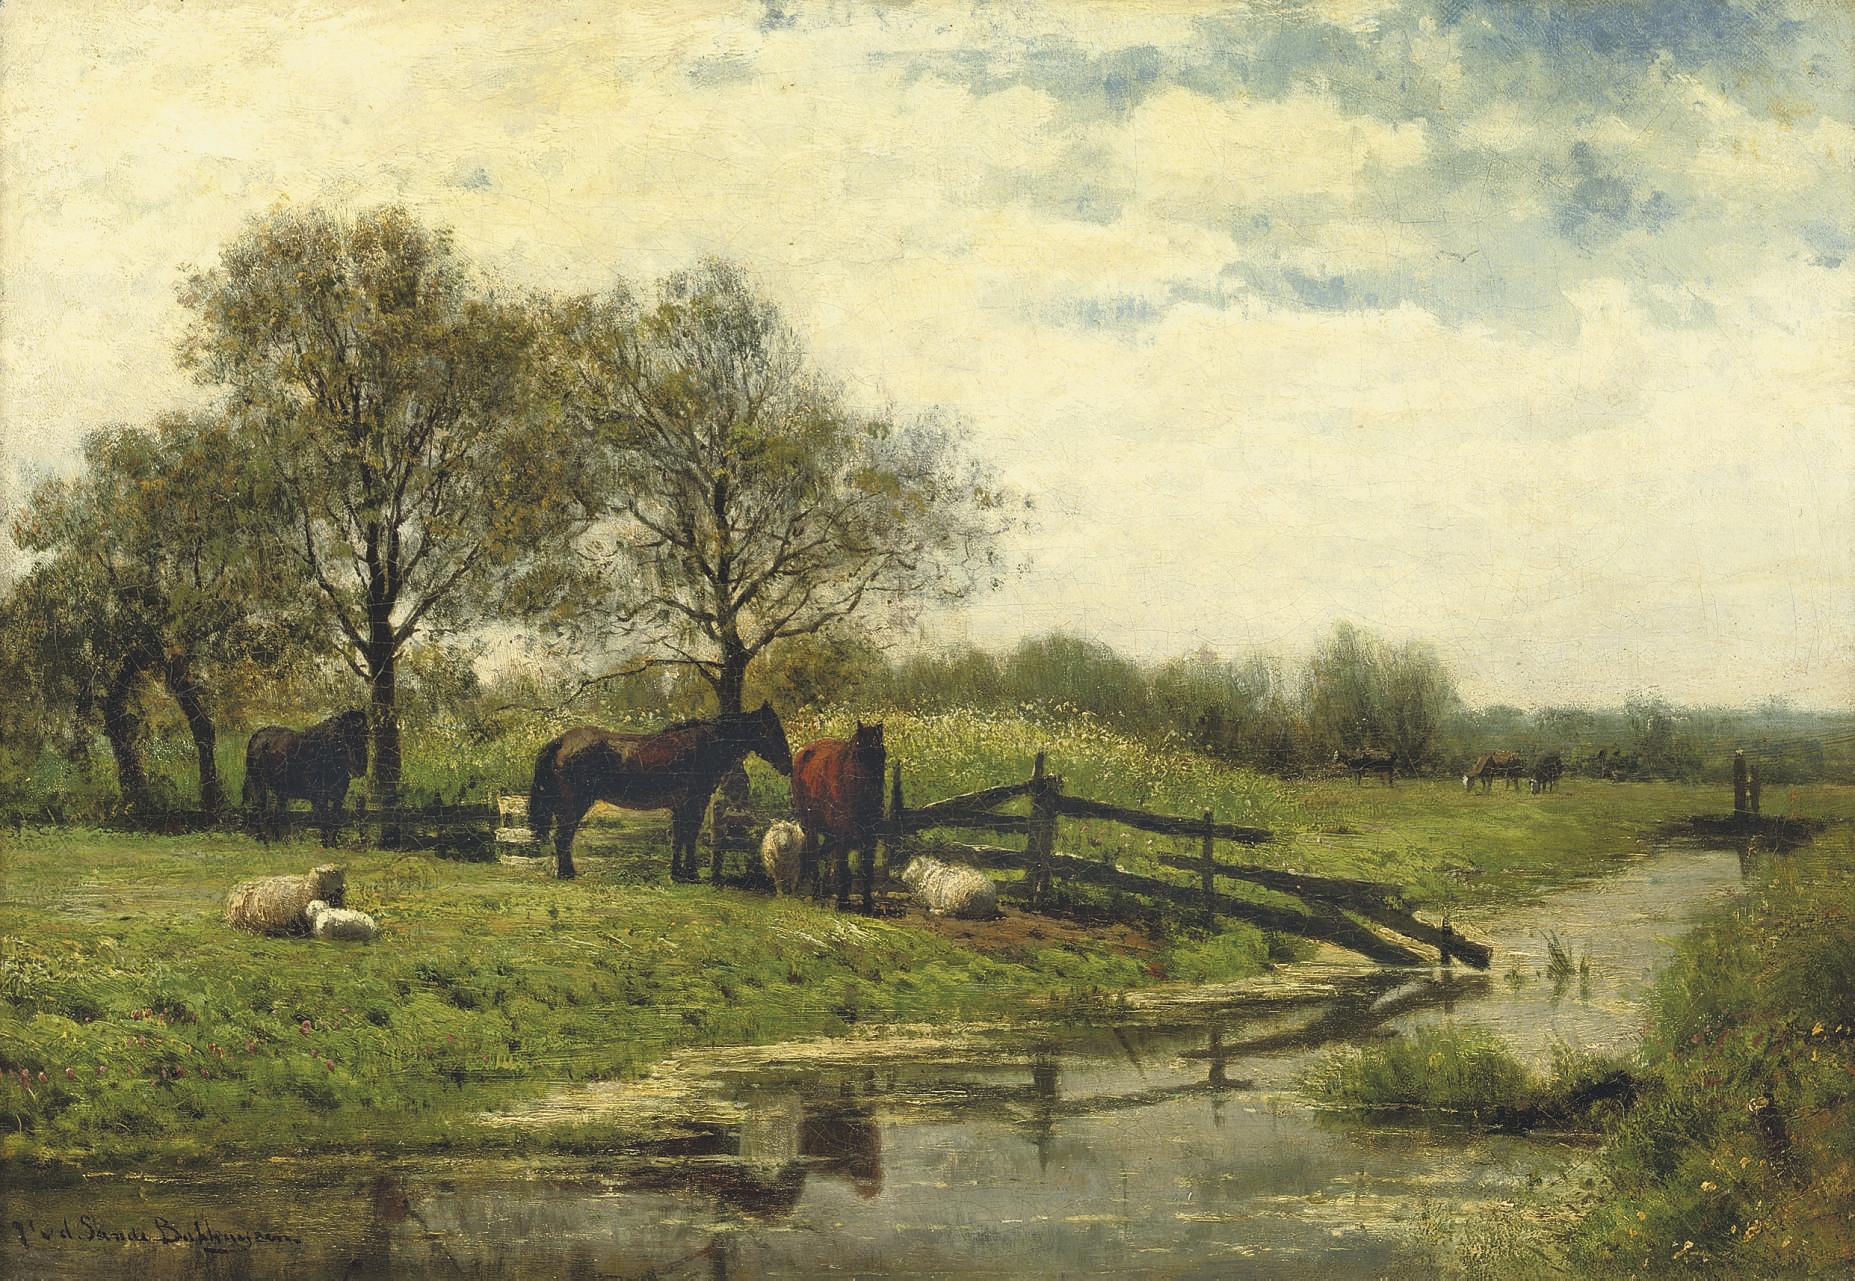 Julius Jacobus van de Sande Ba